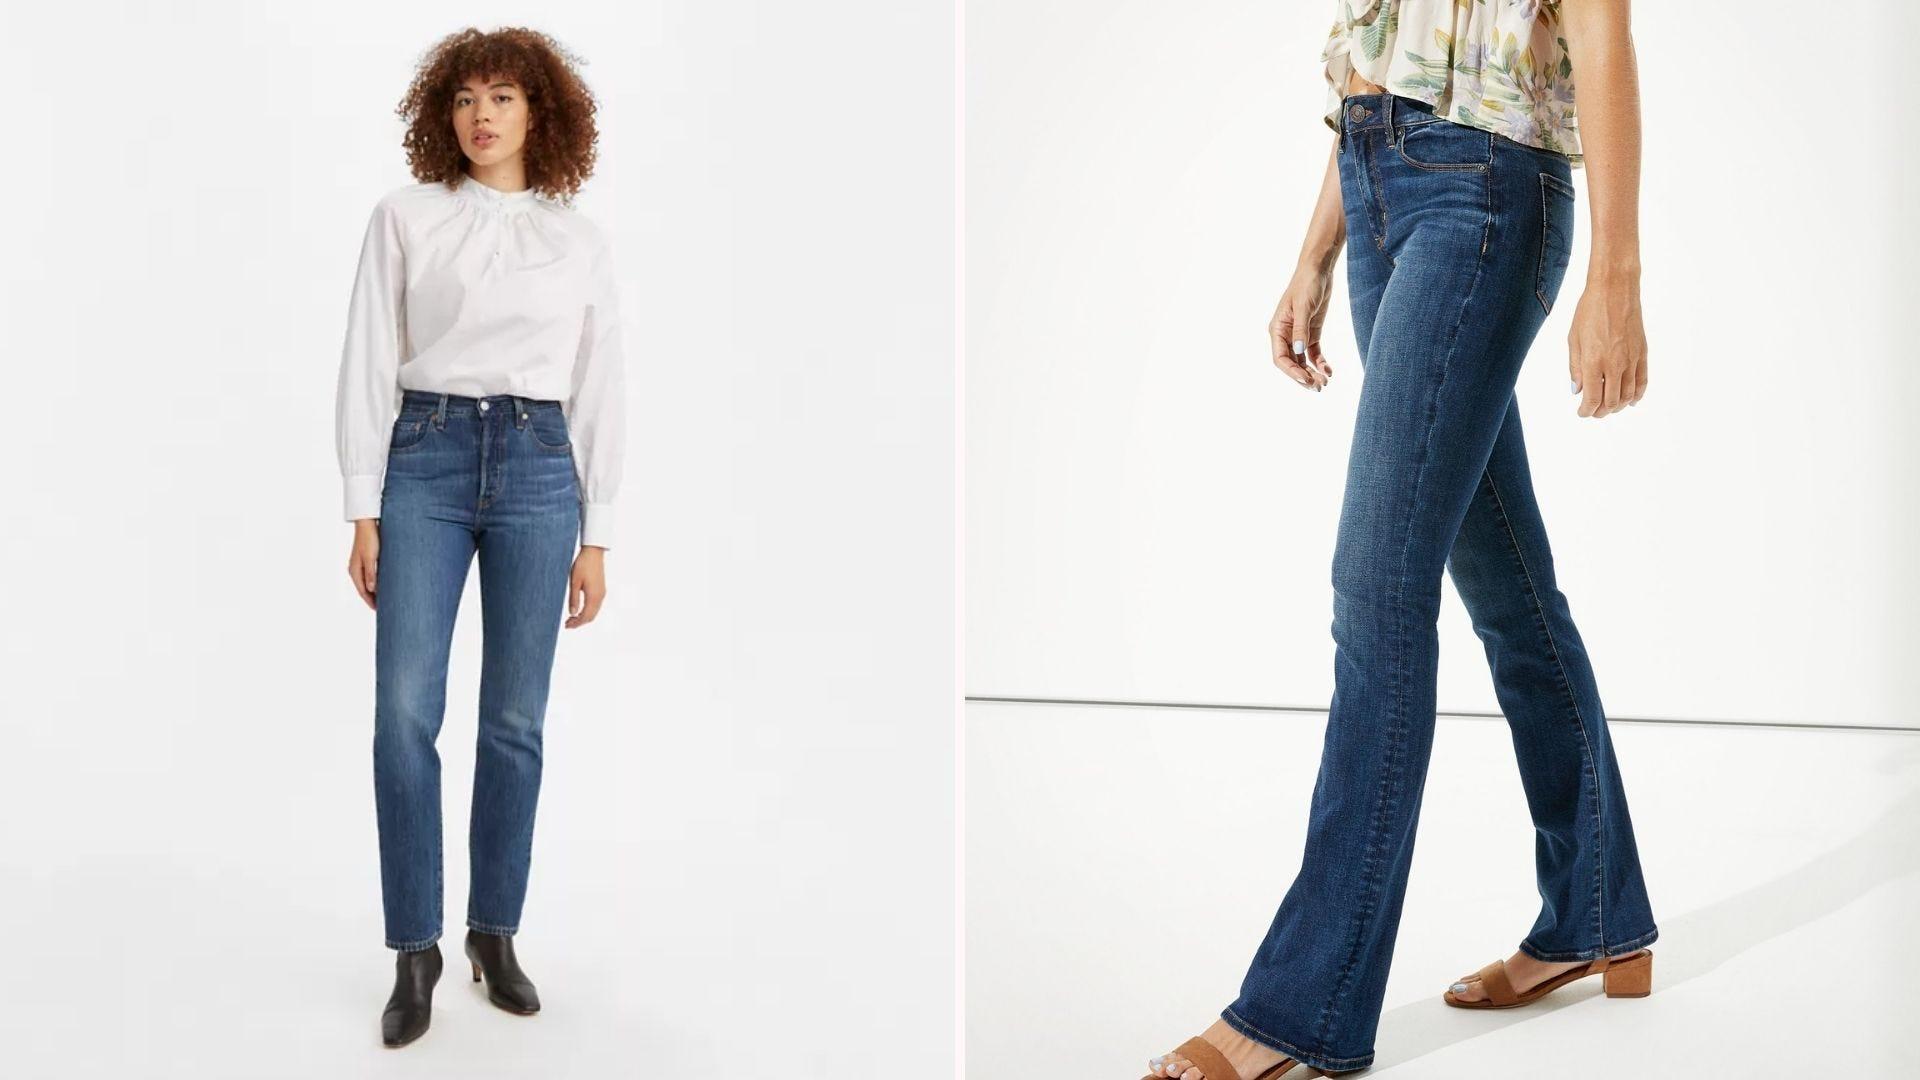 Two women wearing blue jeans